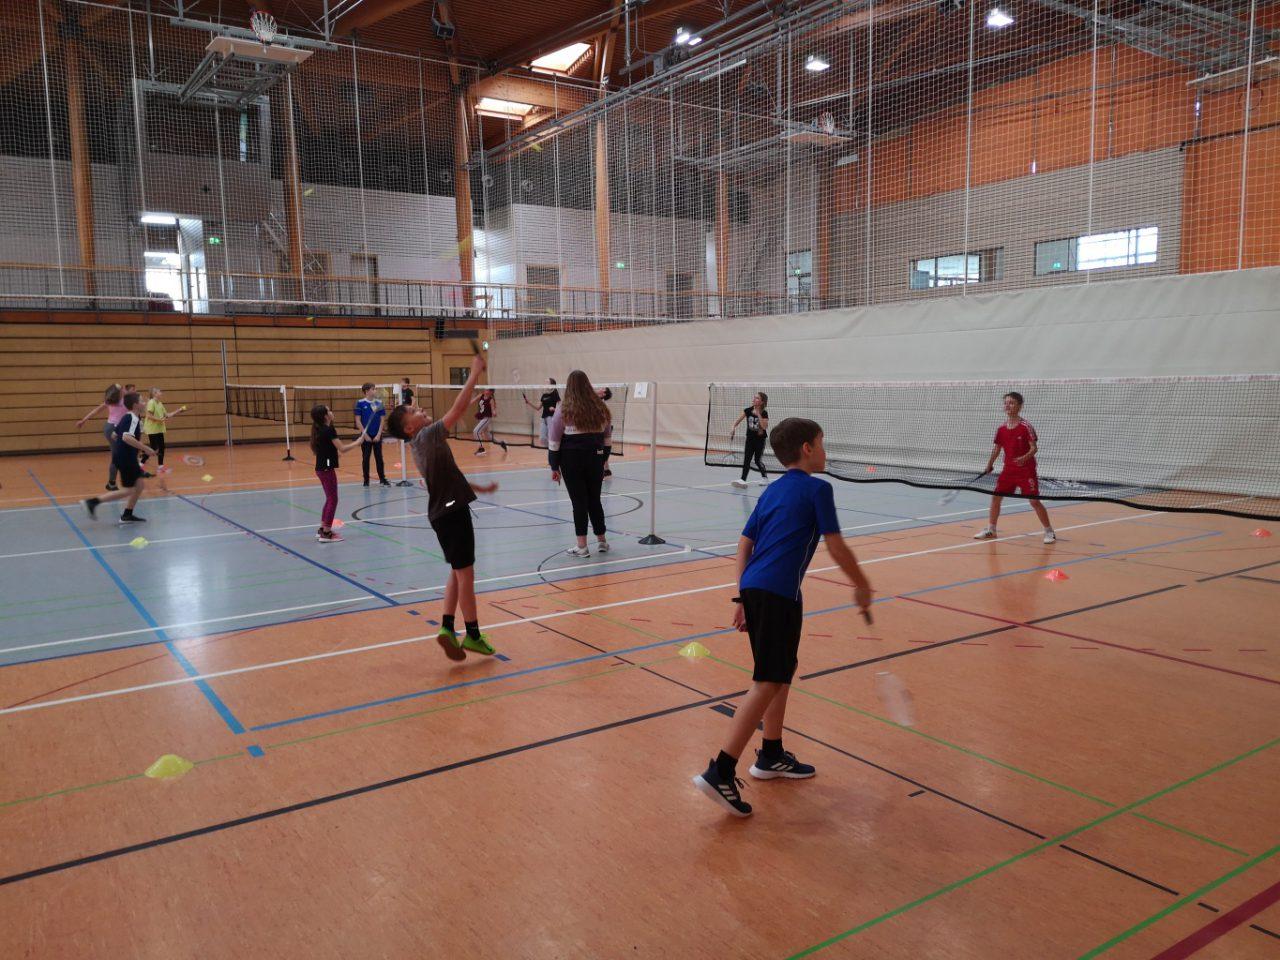 Auswertung Badmintonturnier vom 4.März 2020